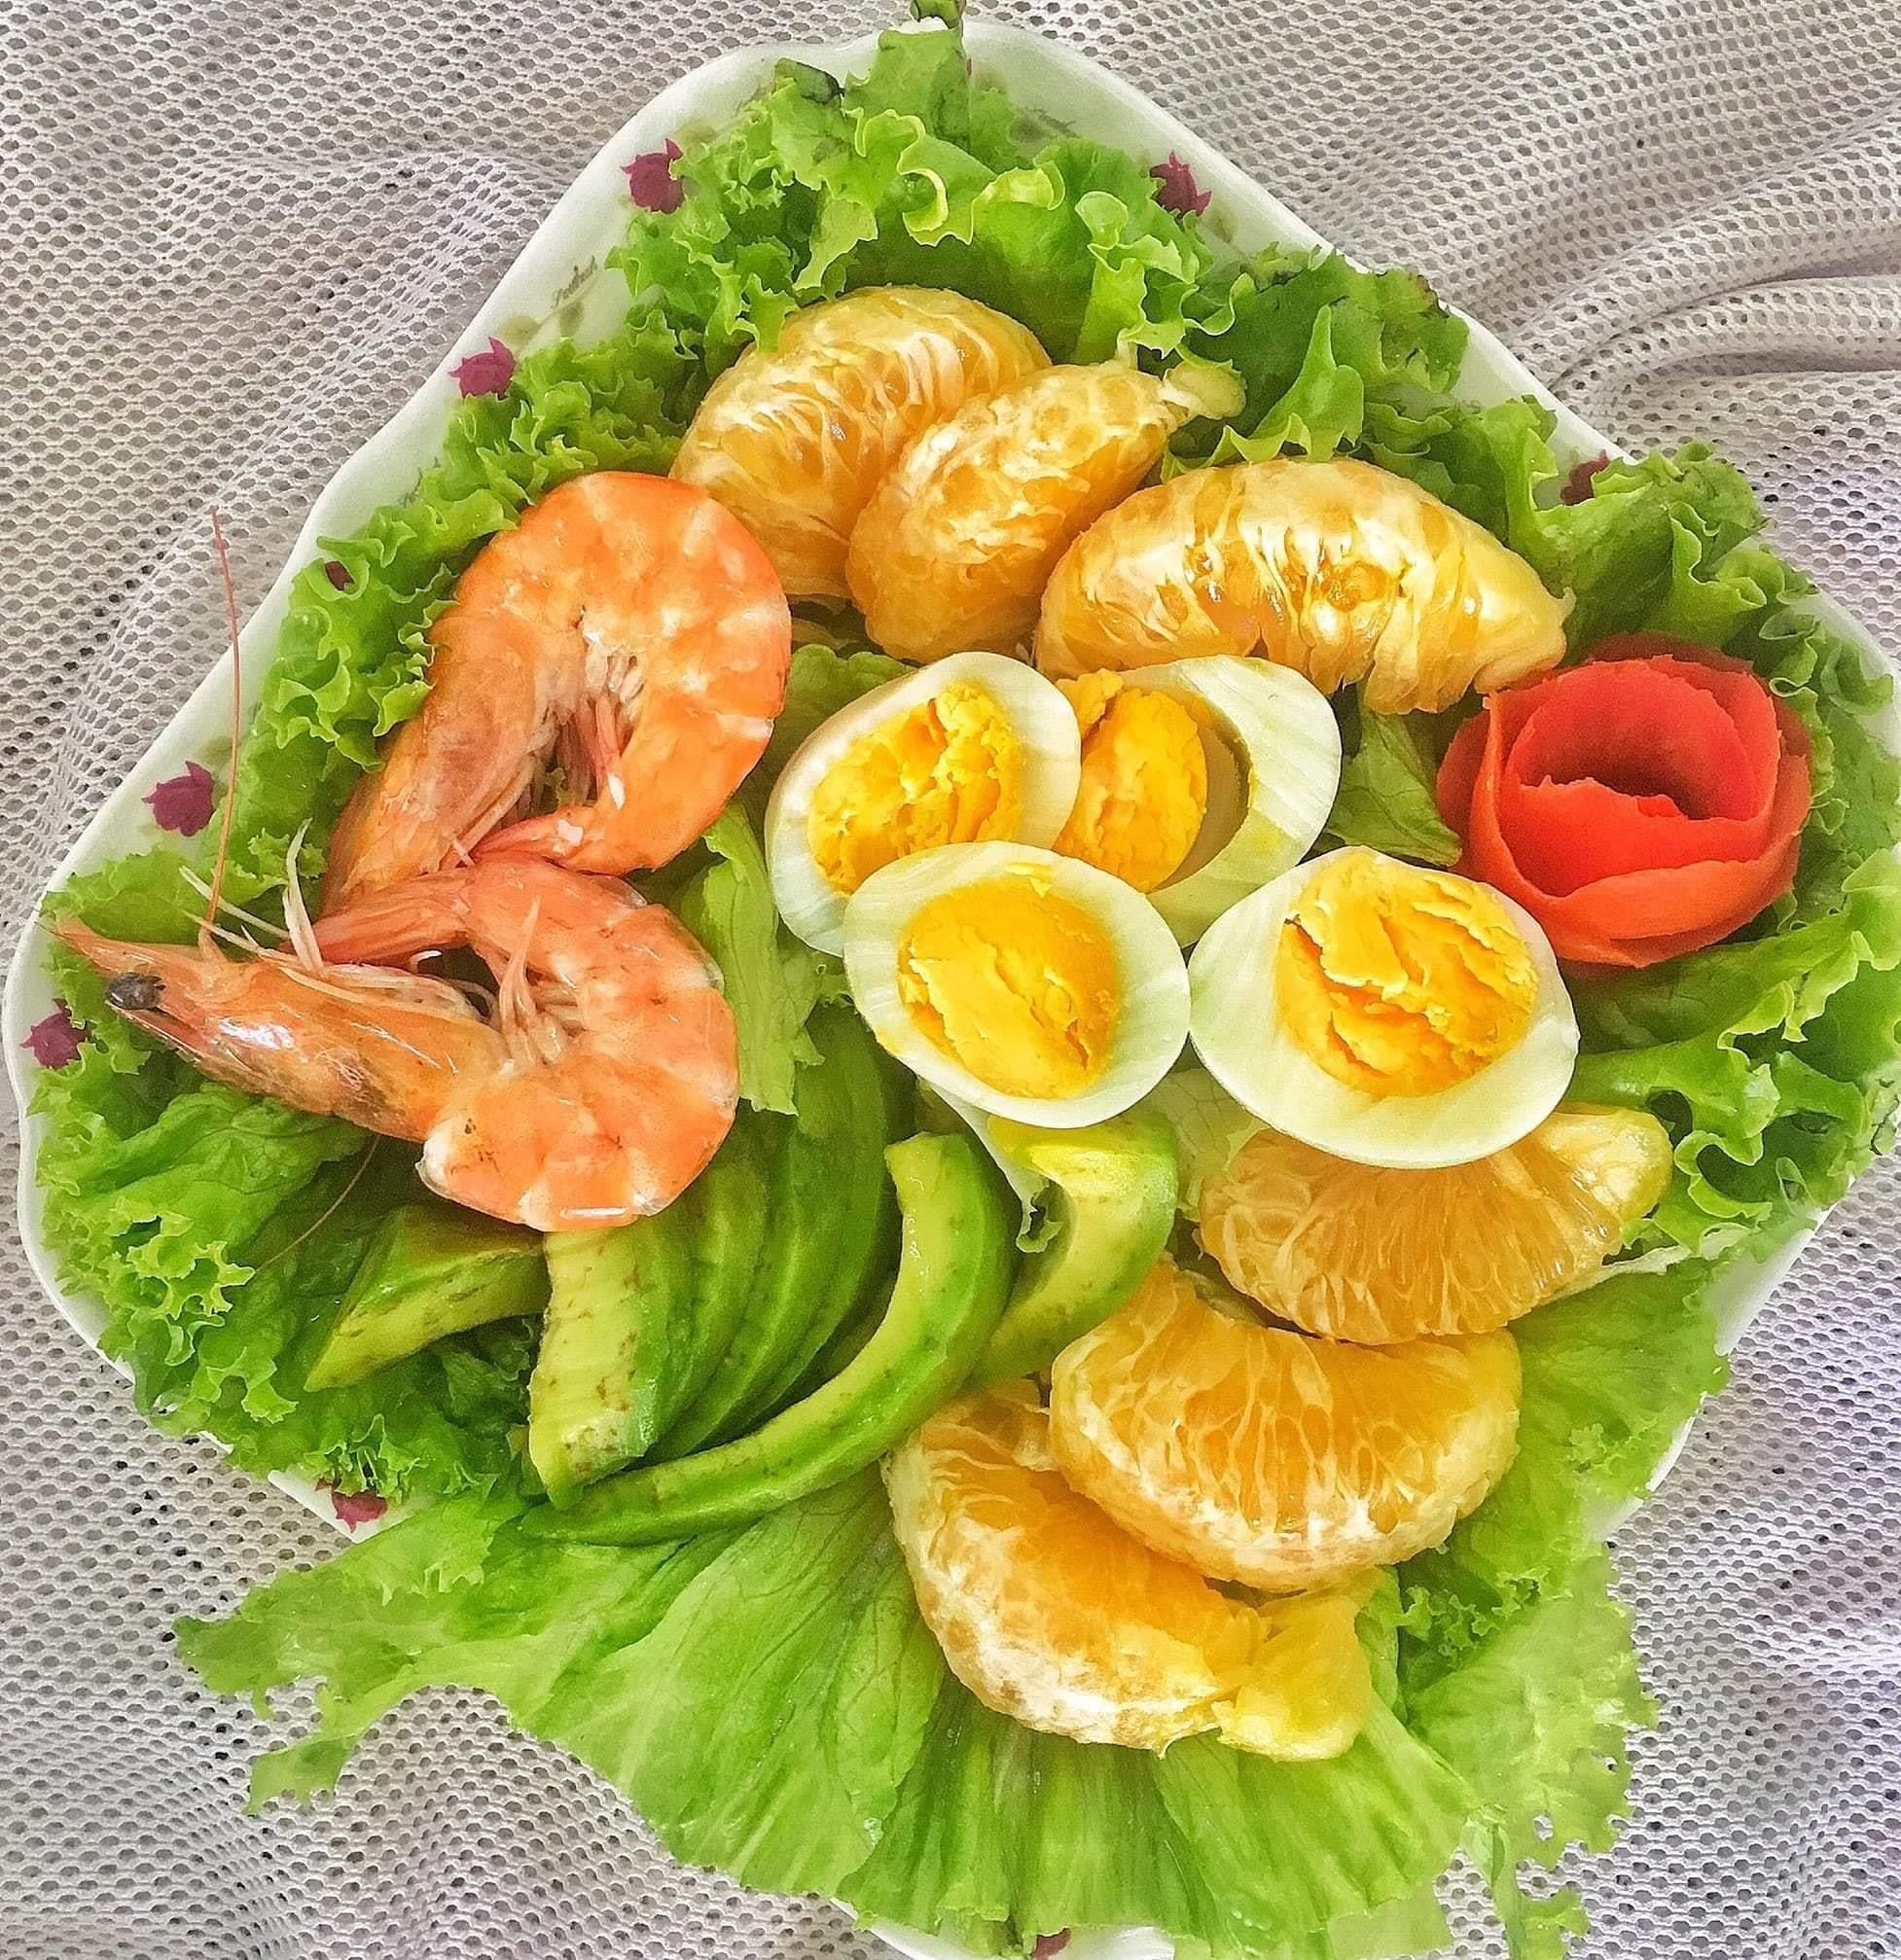 Chế độ ăn giảm cân - Eat Clean